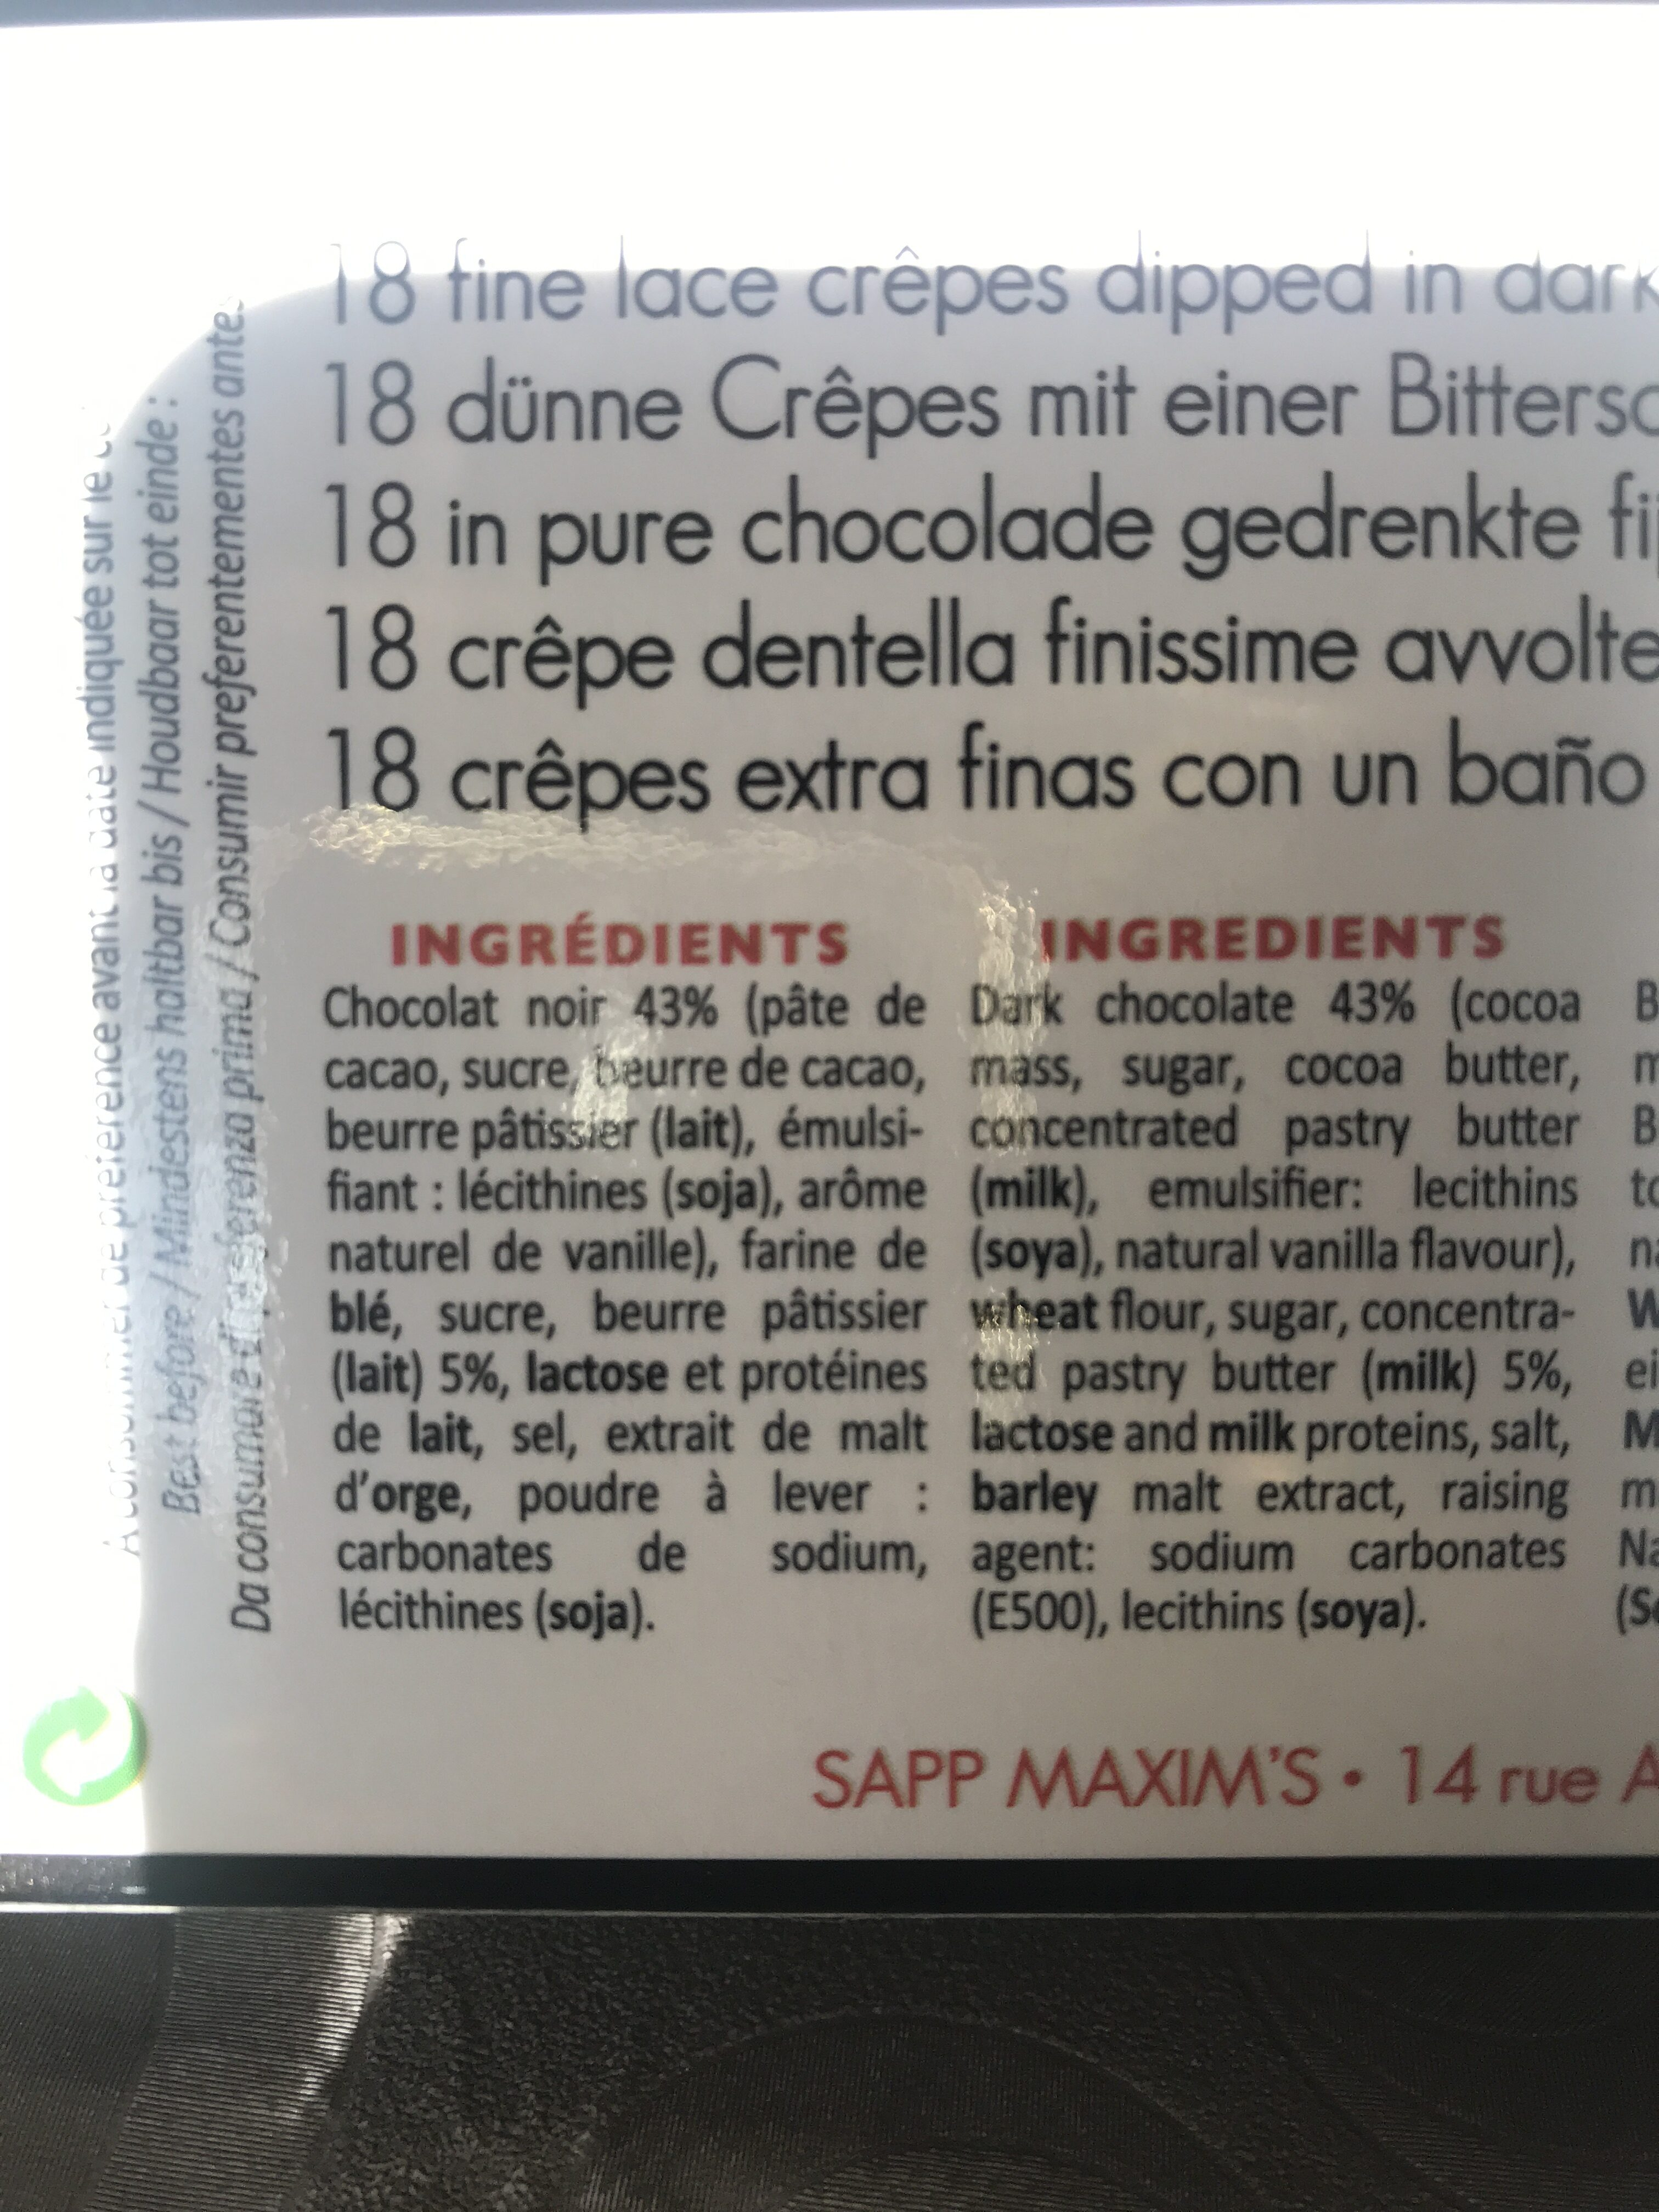 18 Fines Crêpes Dentelle Enrobées De Chocolat Noir - Ingredients - fr